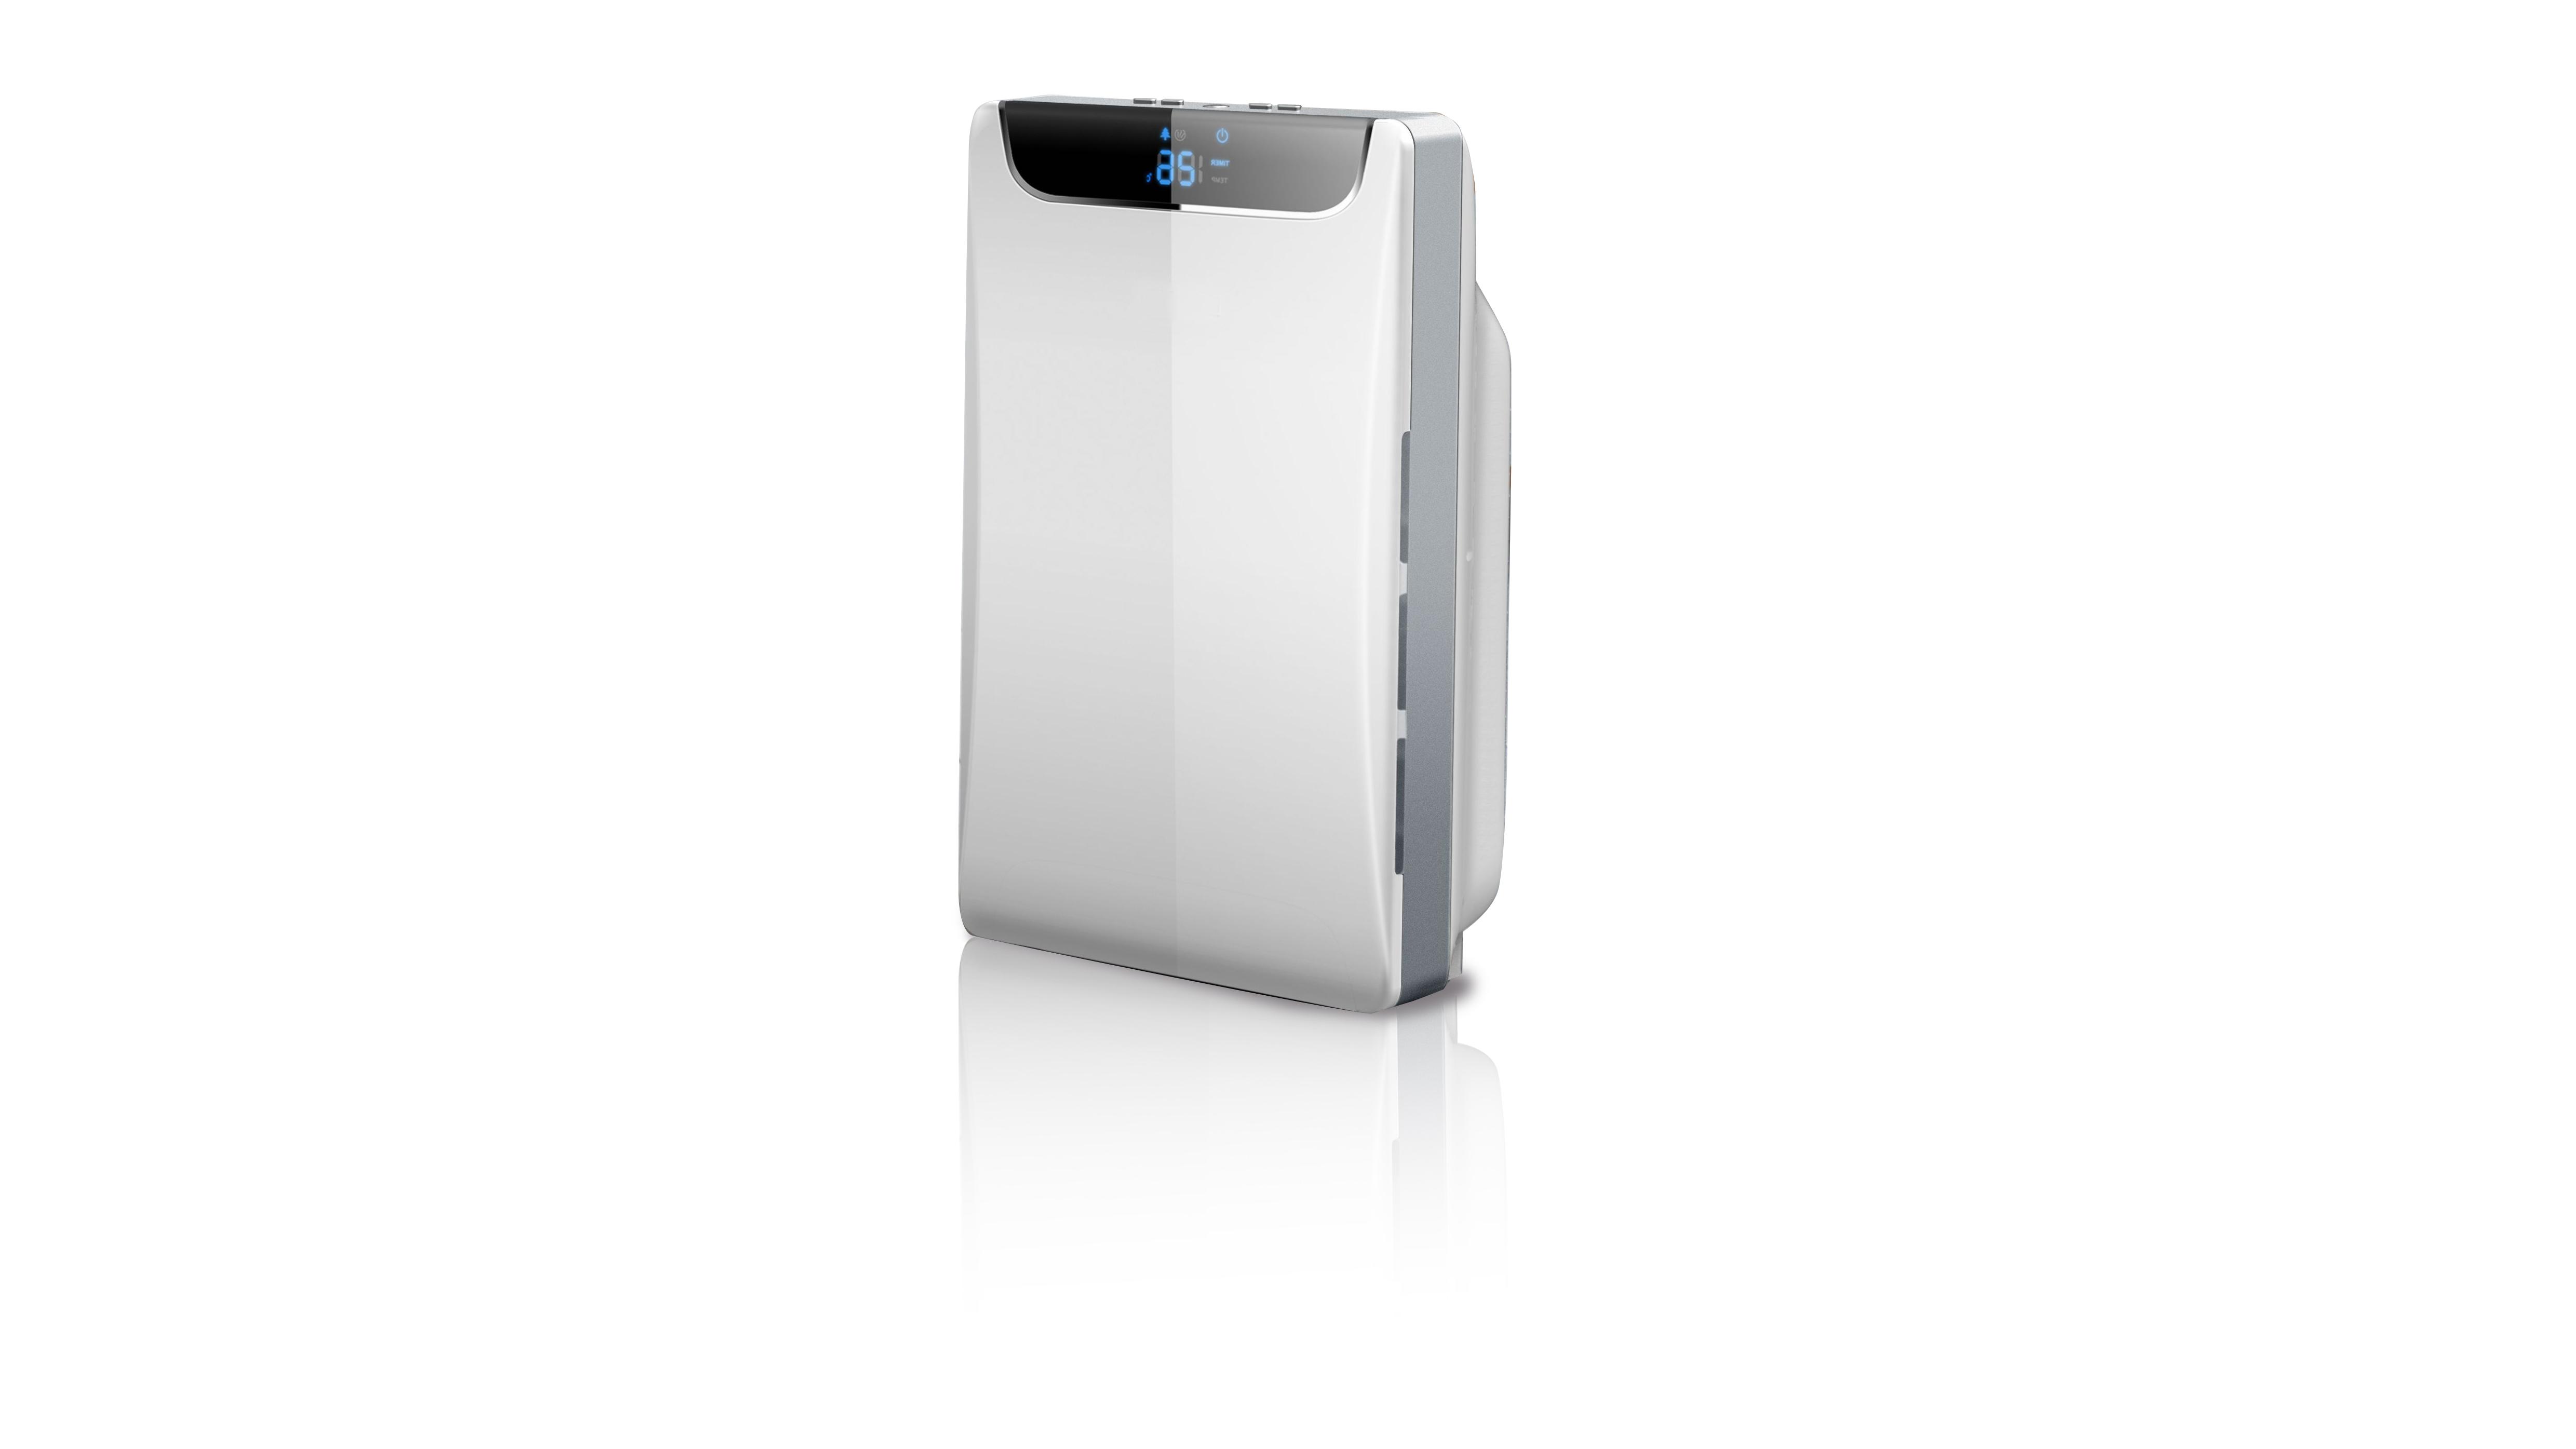 负离子空气净化器多少钱—负离子空气净化器贵不贵